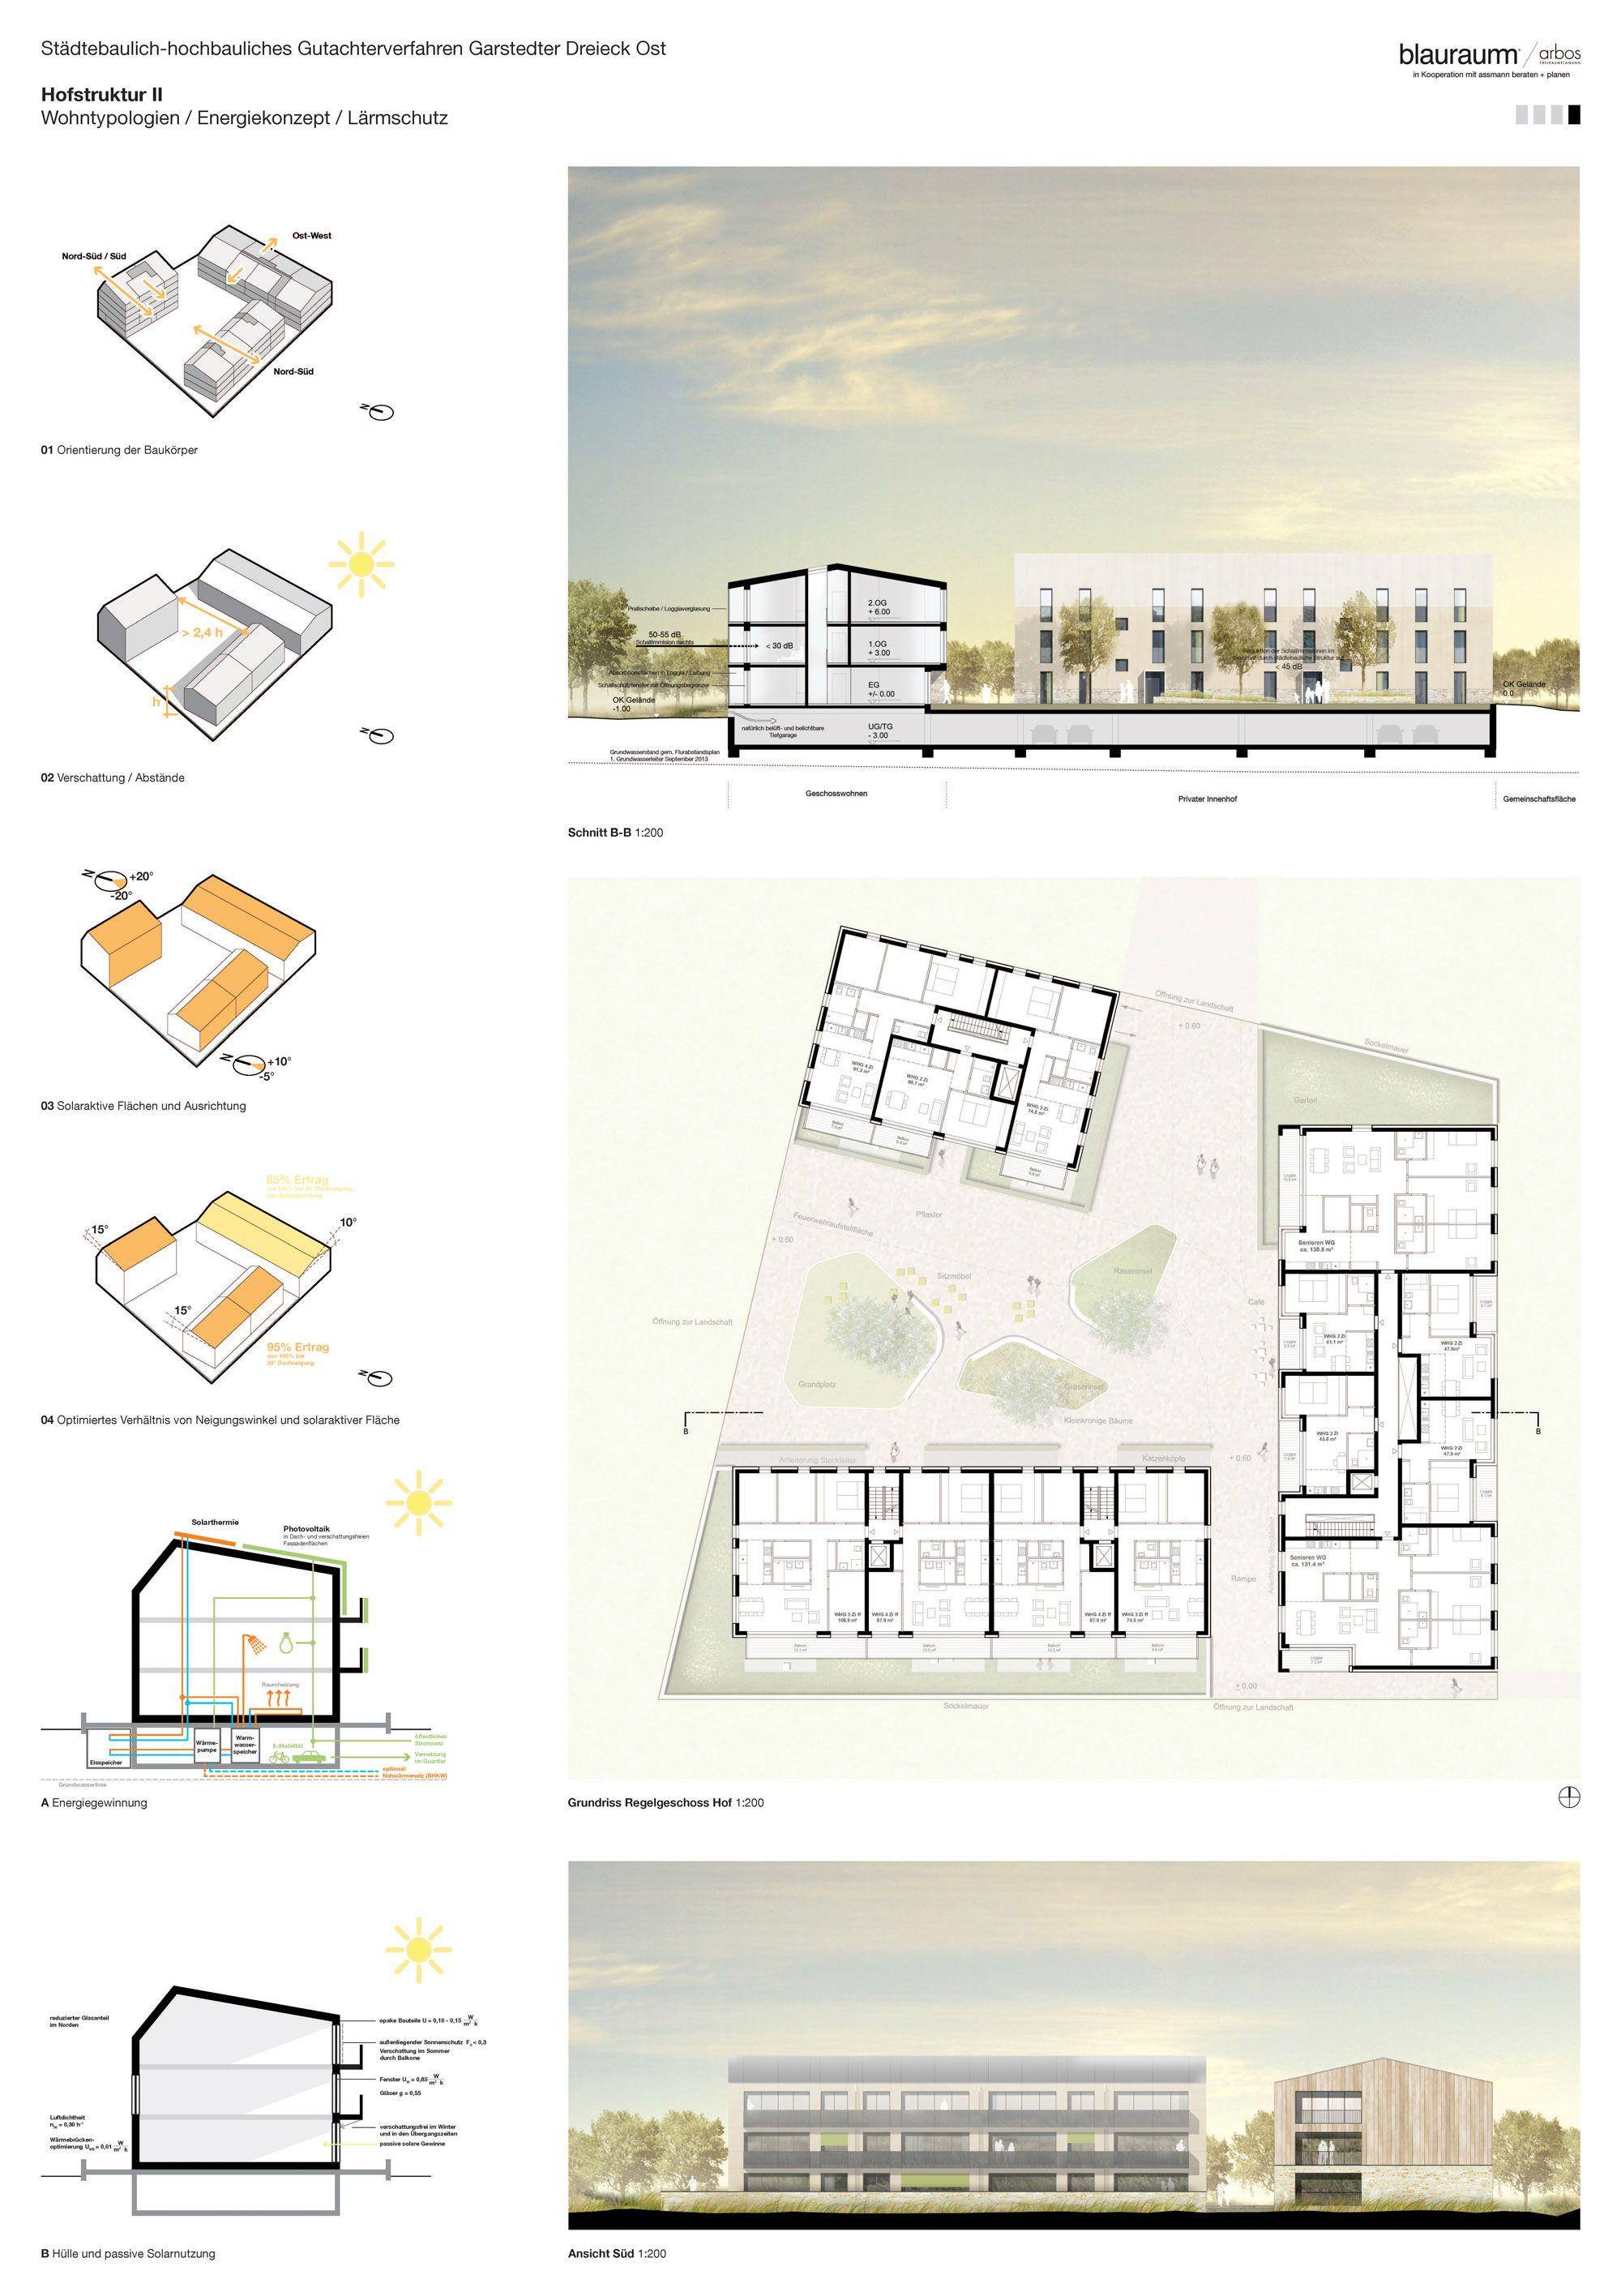 Blauraum arbos architektur pl ne st dtebau for Entwurf architektur